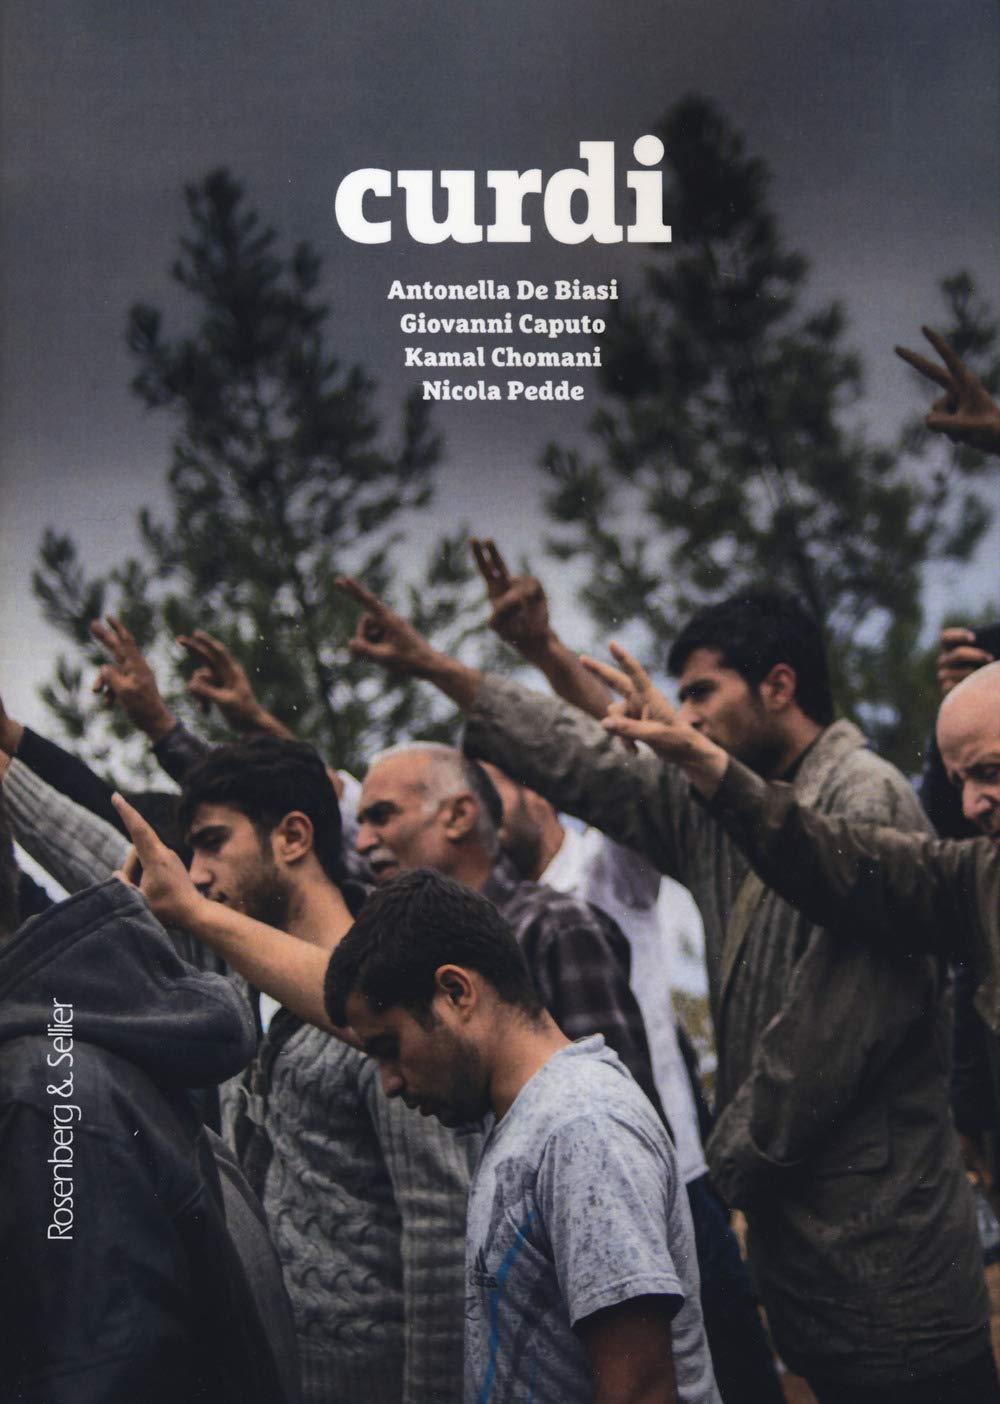 Curdi, un popolo senza nazione - Opinio Juris